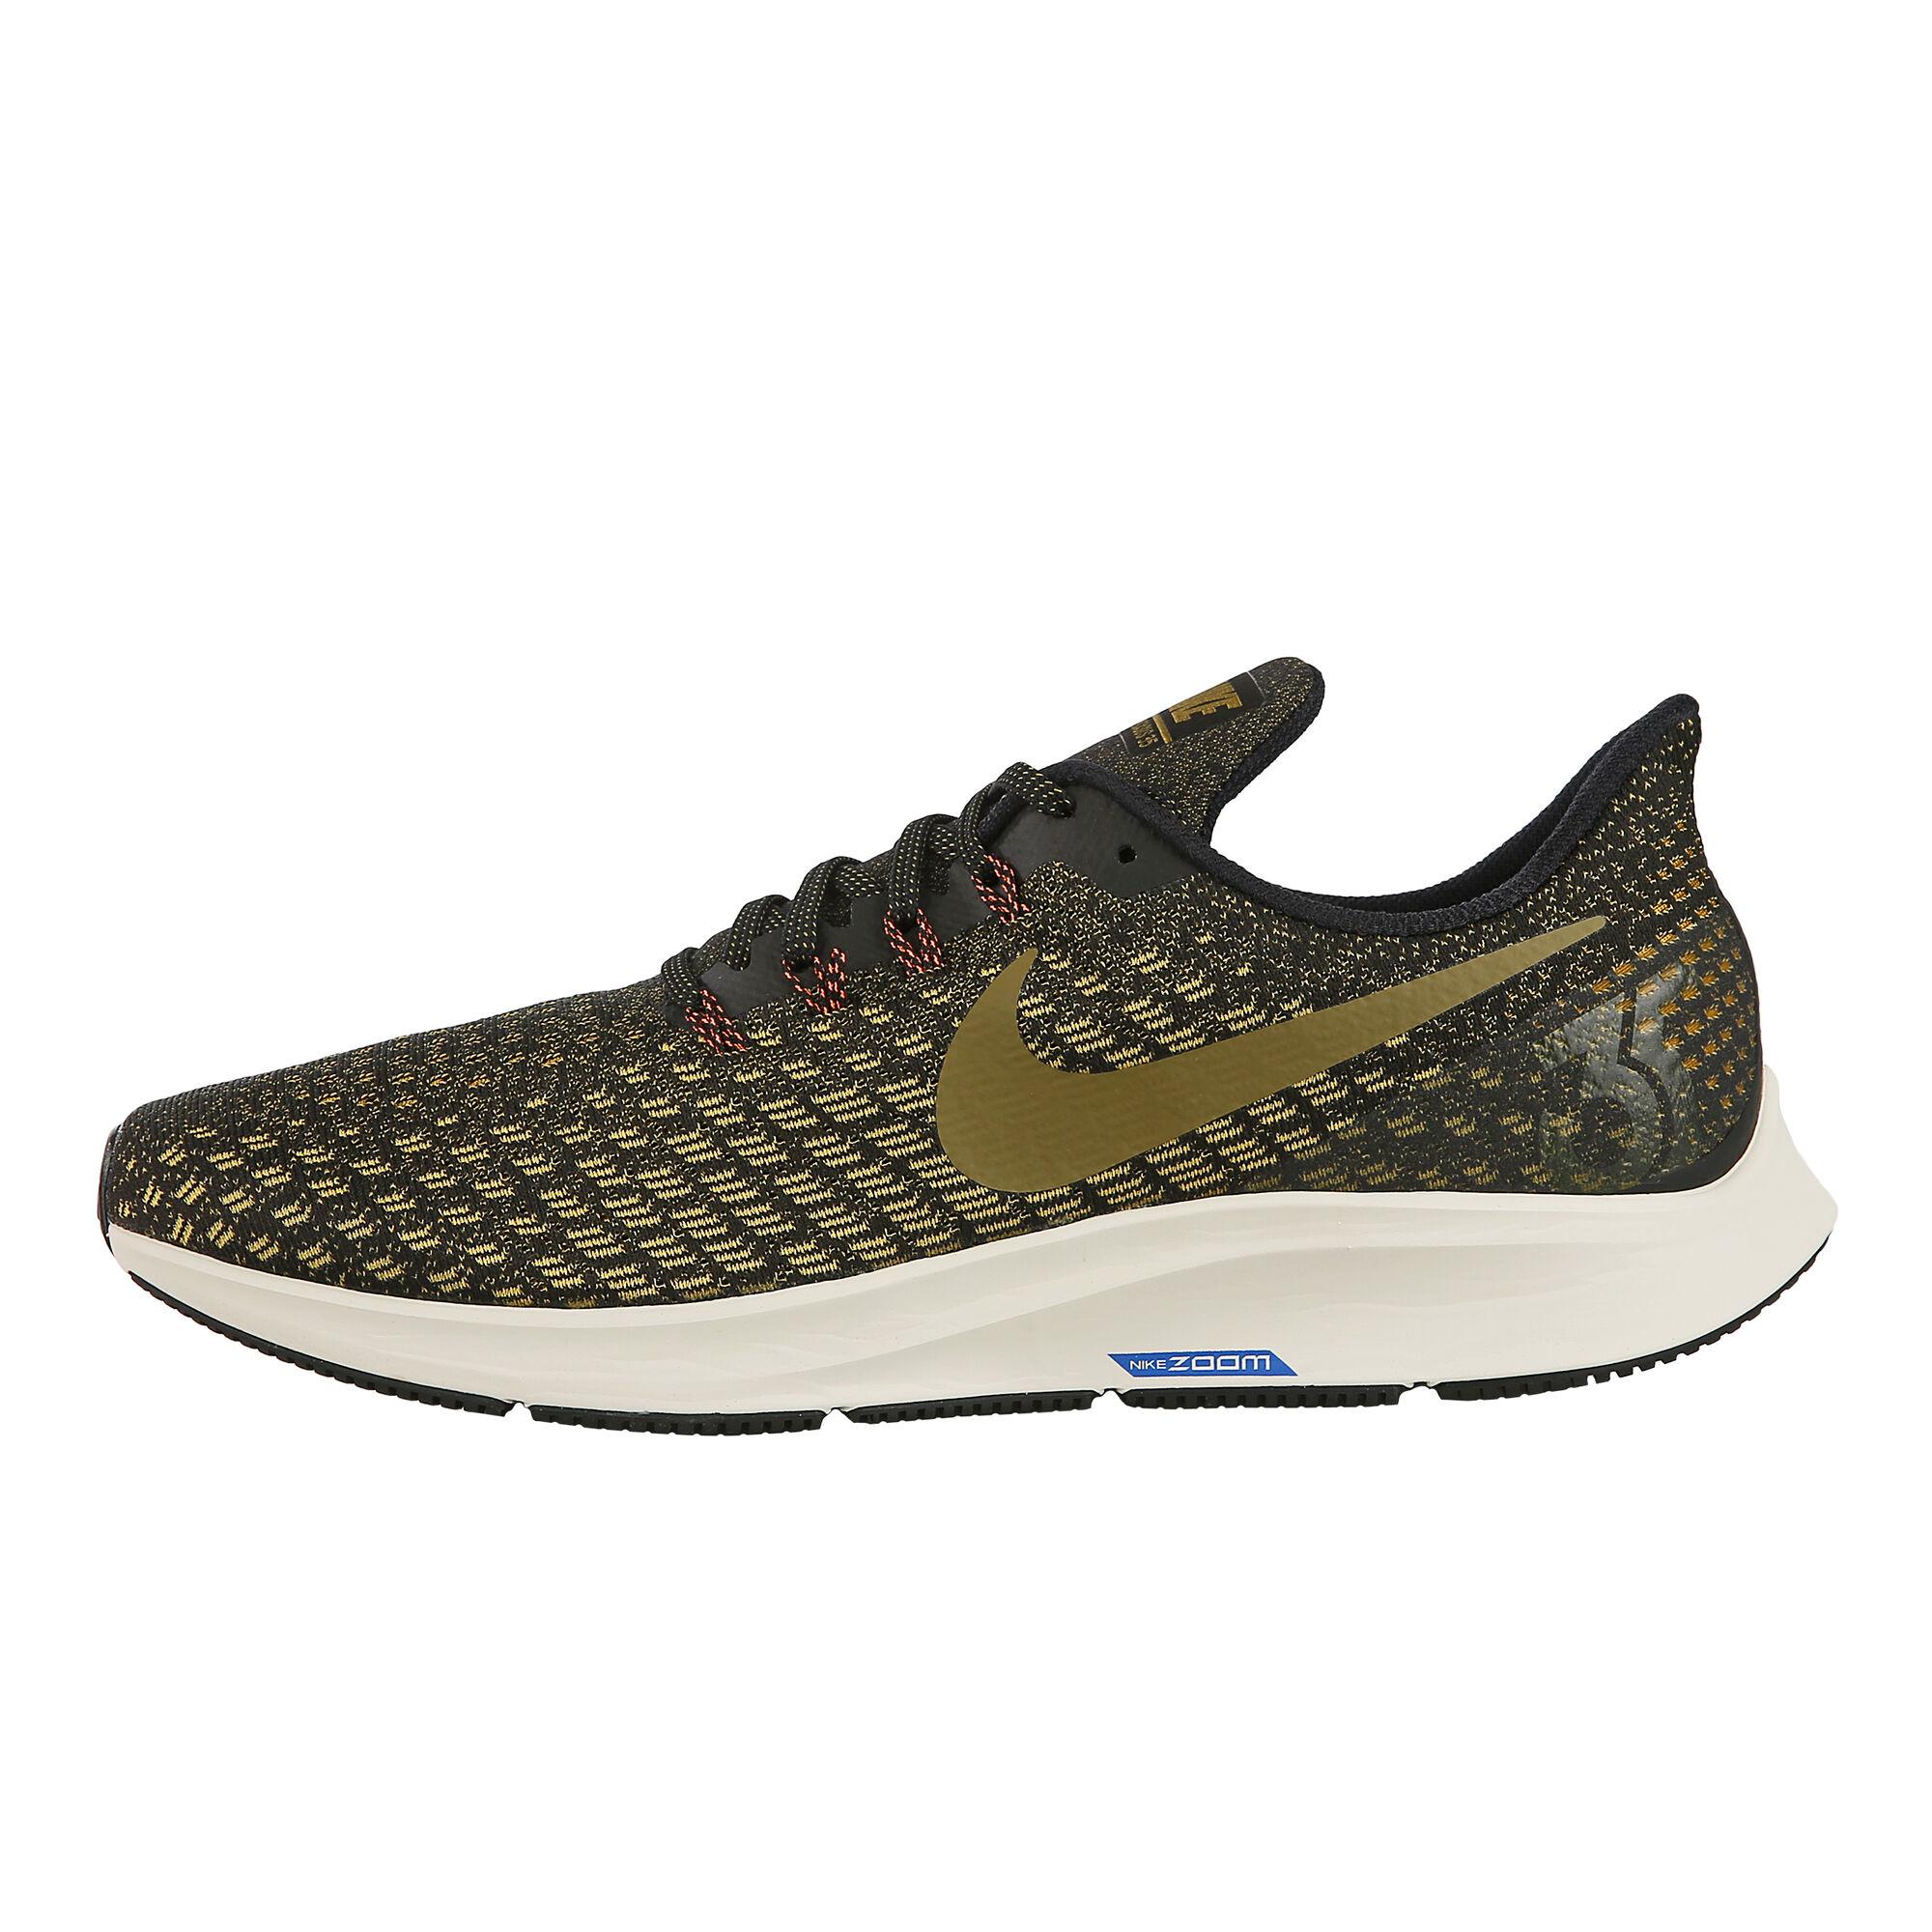 9d3bc7cd20d82 Nike  Nike  Nike  Nike  Nike  Nike  Nike  Nike  Nike  Nike. Air Zoom  Pegasus 35 ...